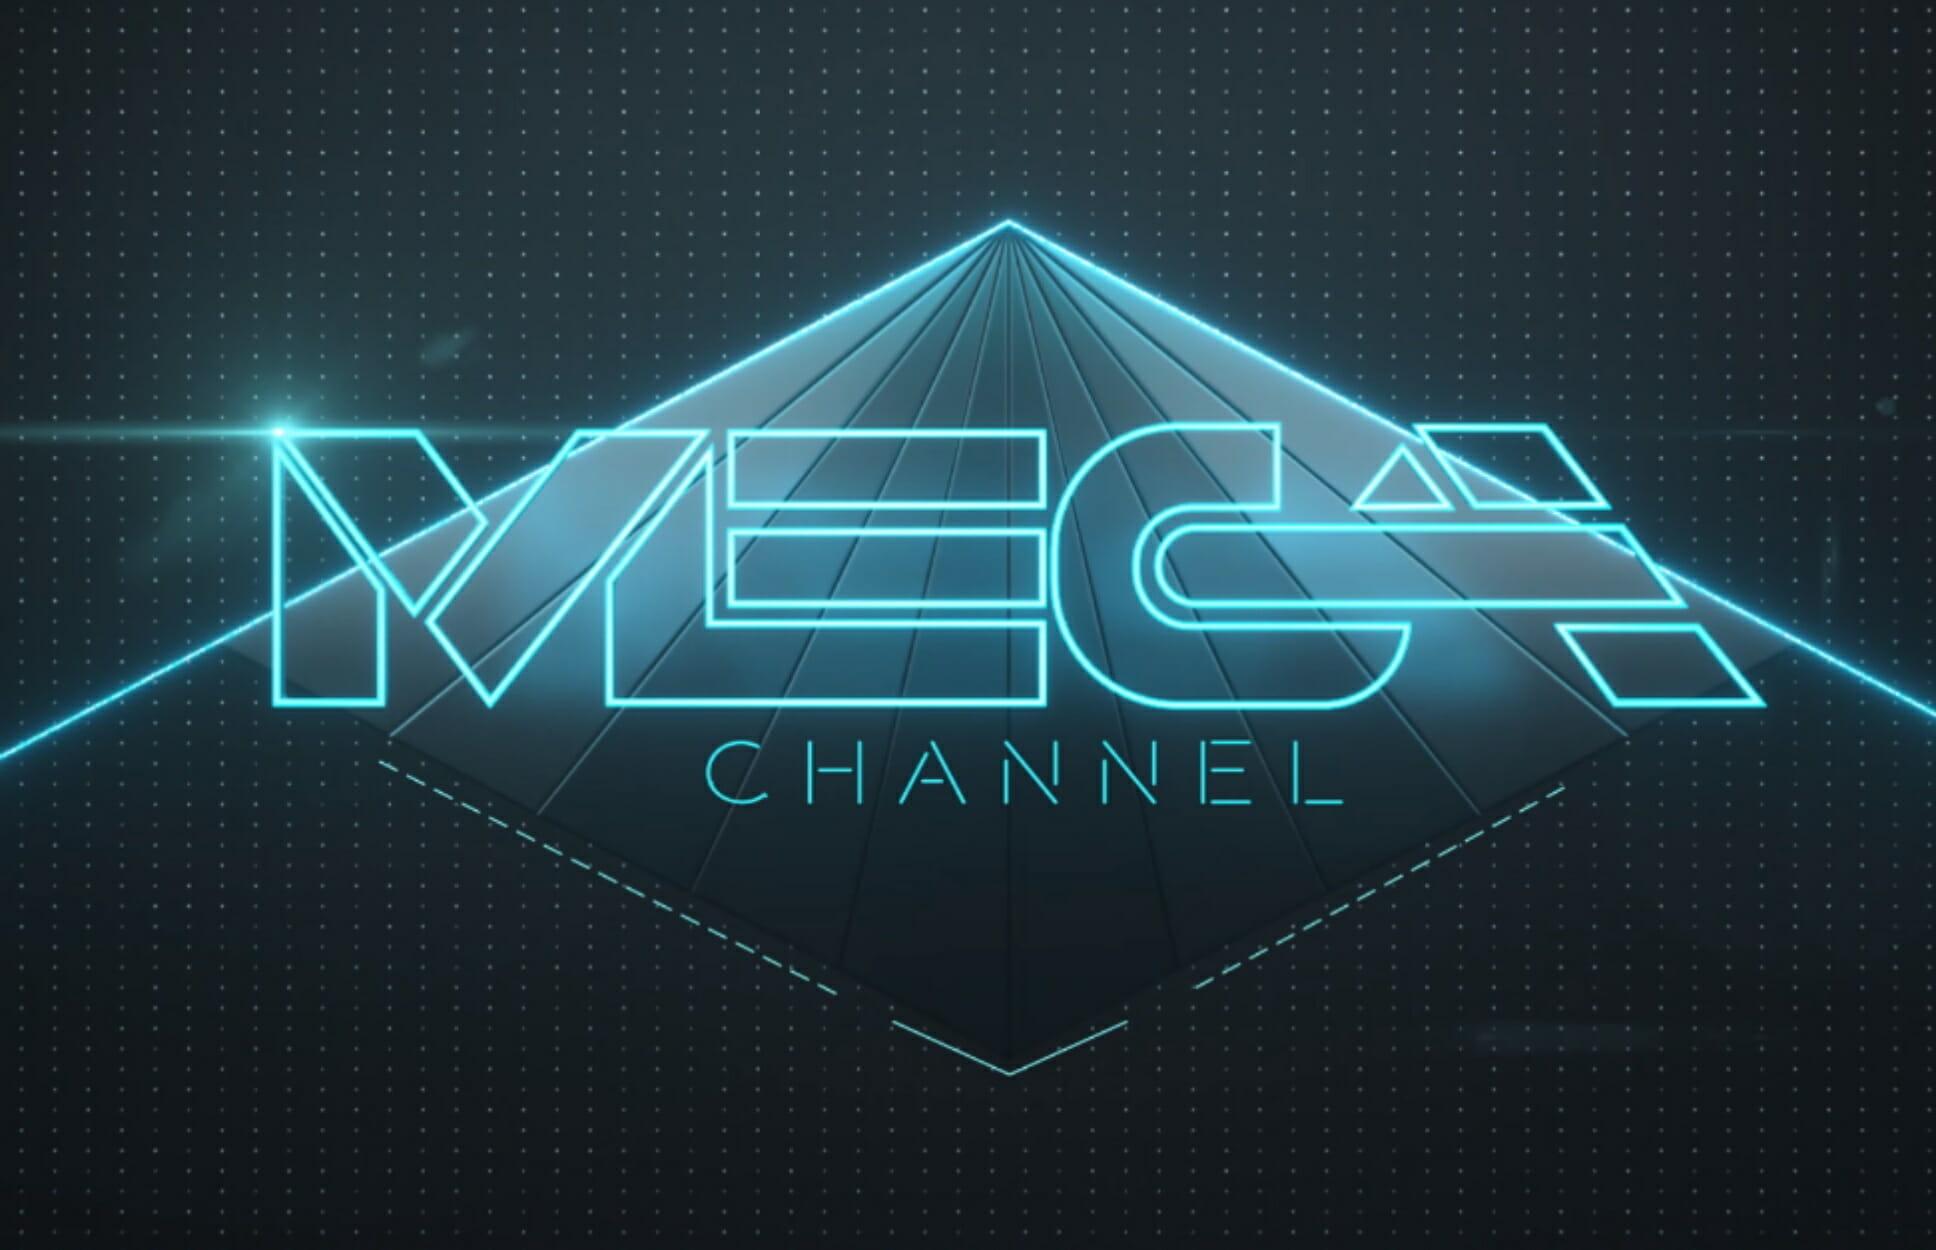 MEGA: Έτσι θα συντονίσετε την τηλεόρασή σας στο αγαπημένο σας κανάλι